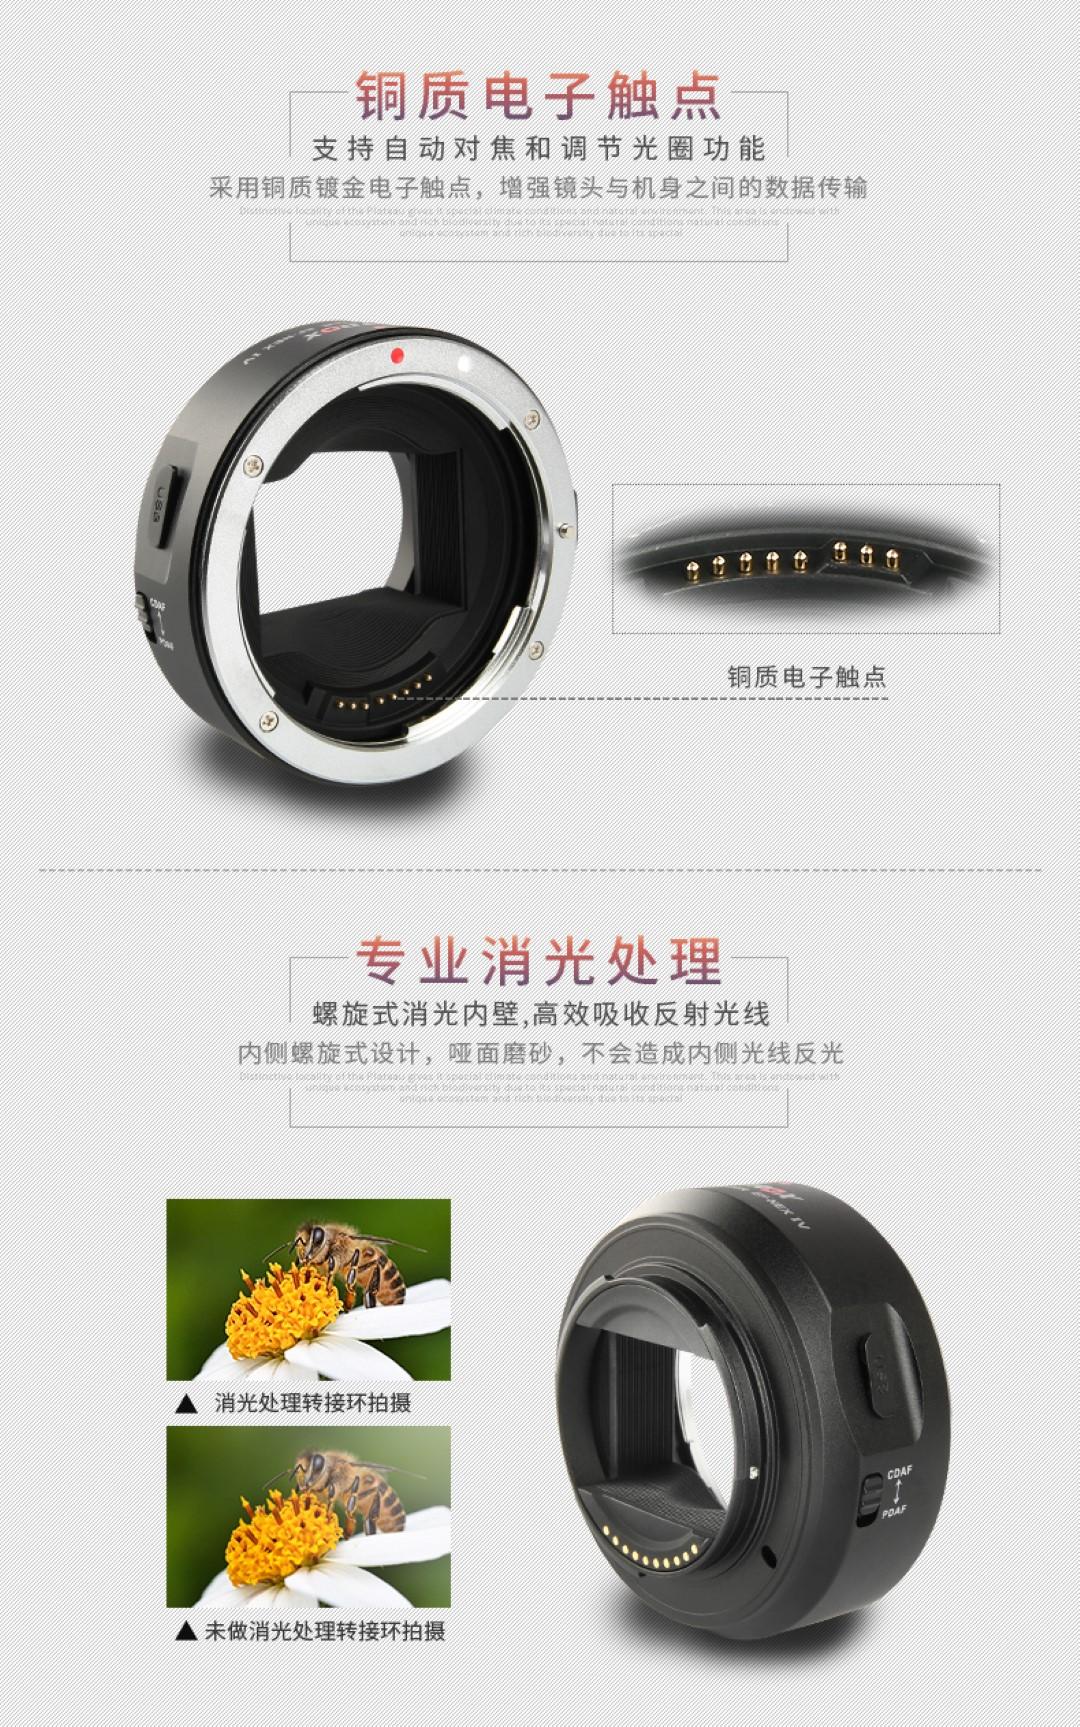 viltrox-ef-nex-iv-lens-adapter-d-yingkee4.jpg